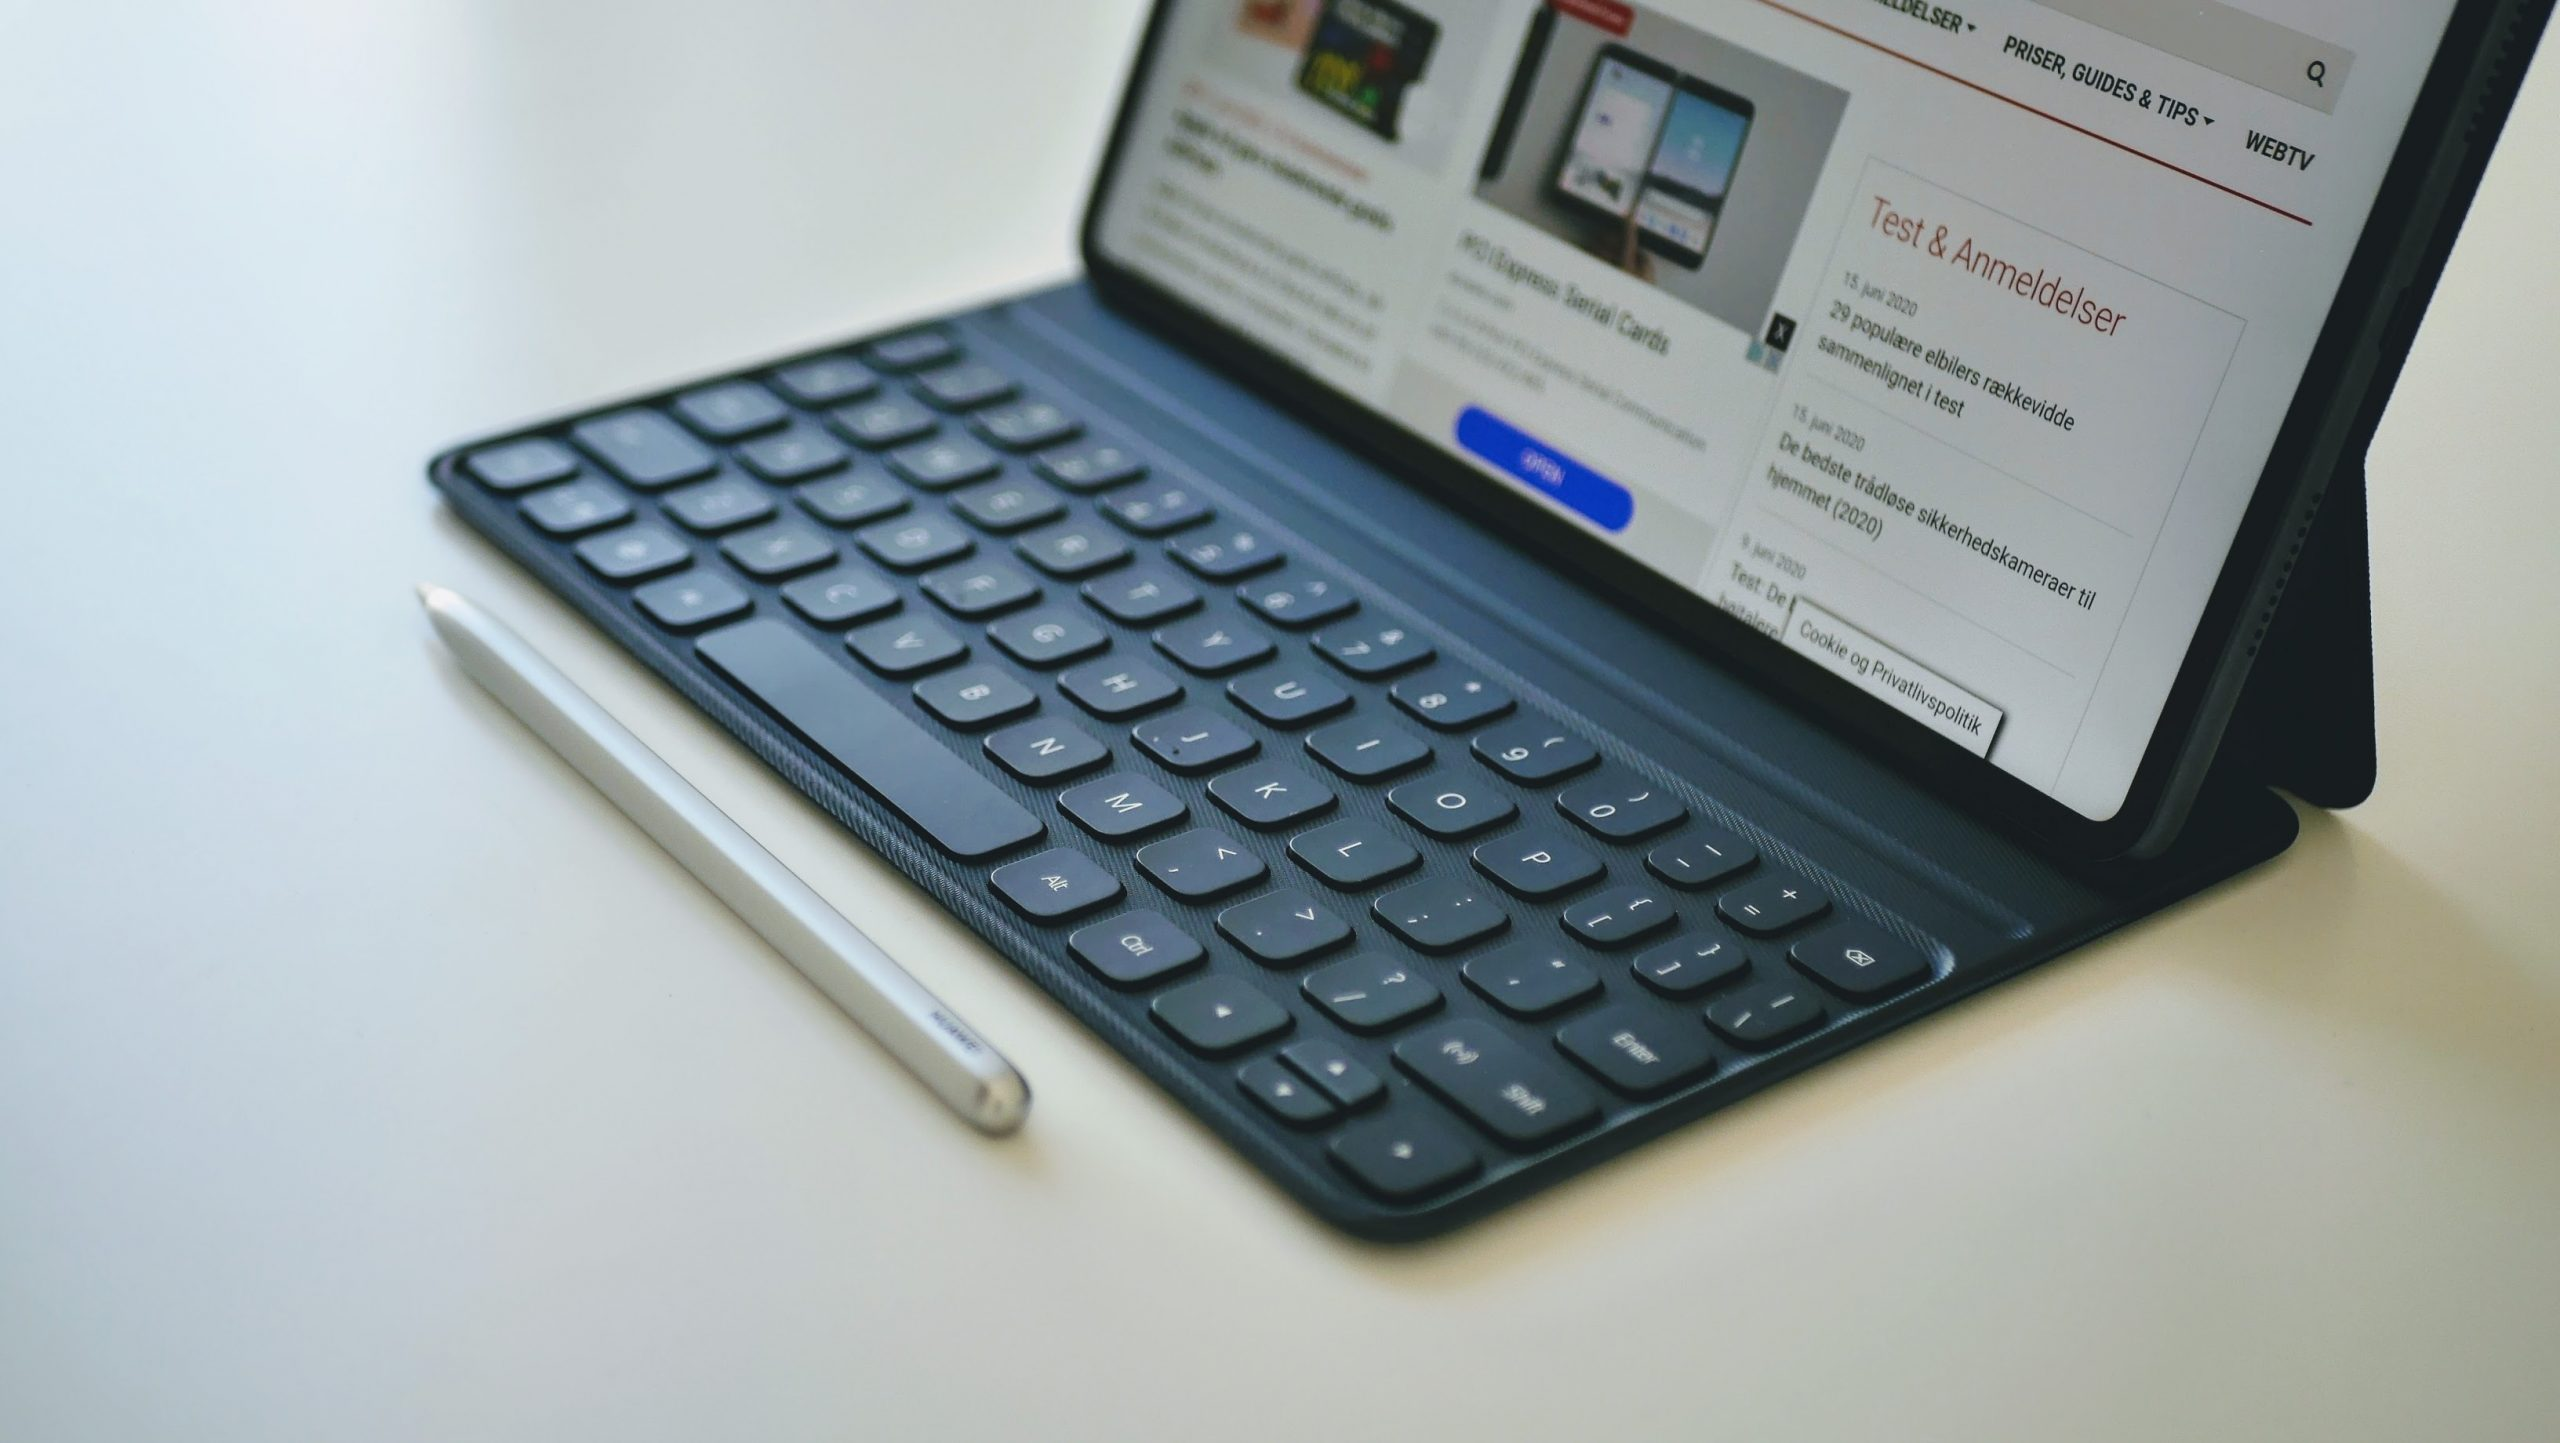 Huawei MatePad Pro test